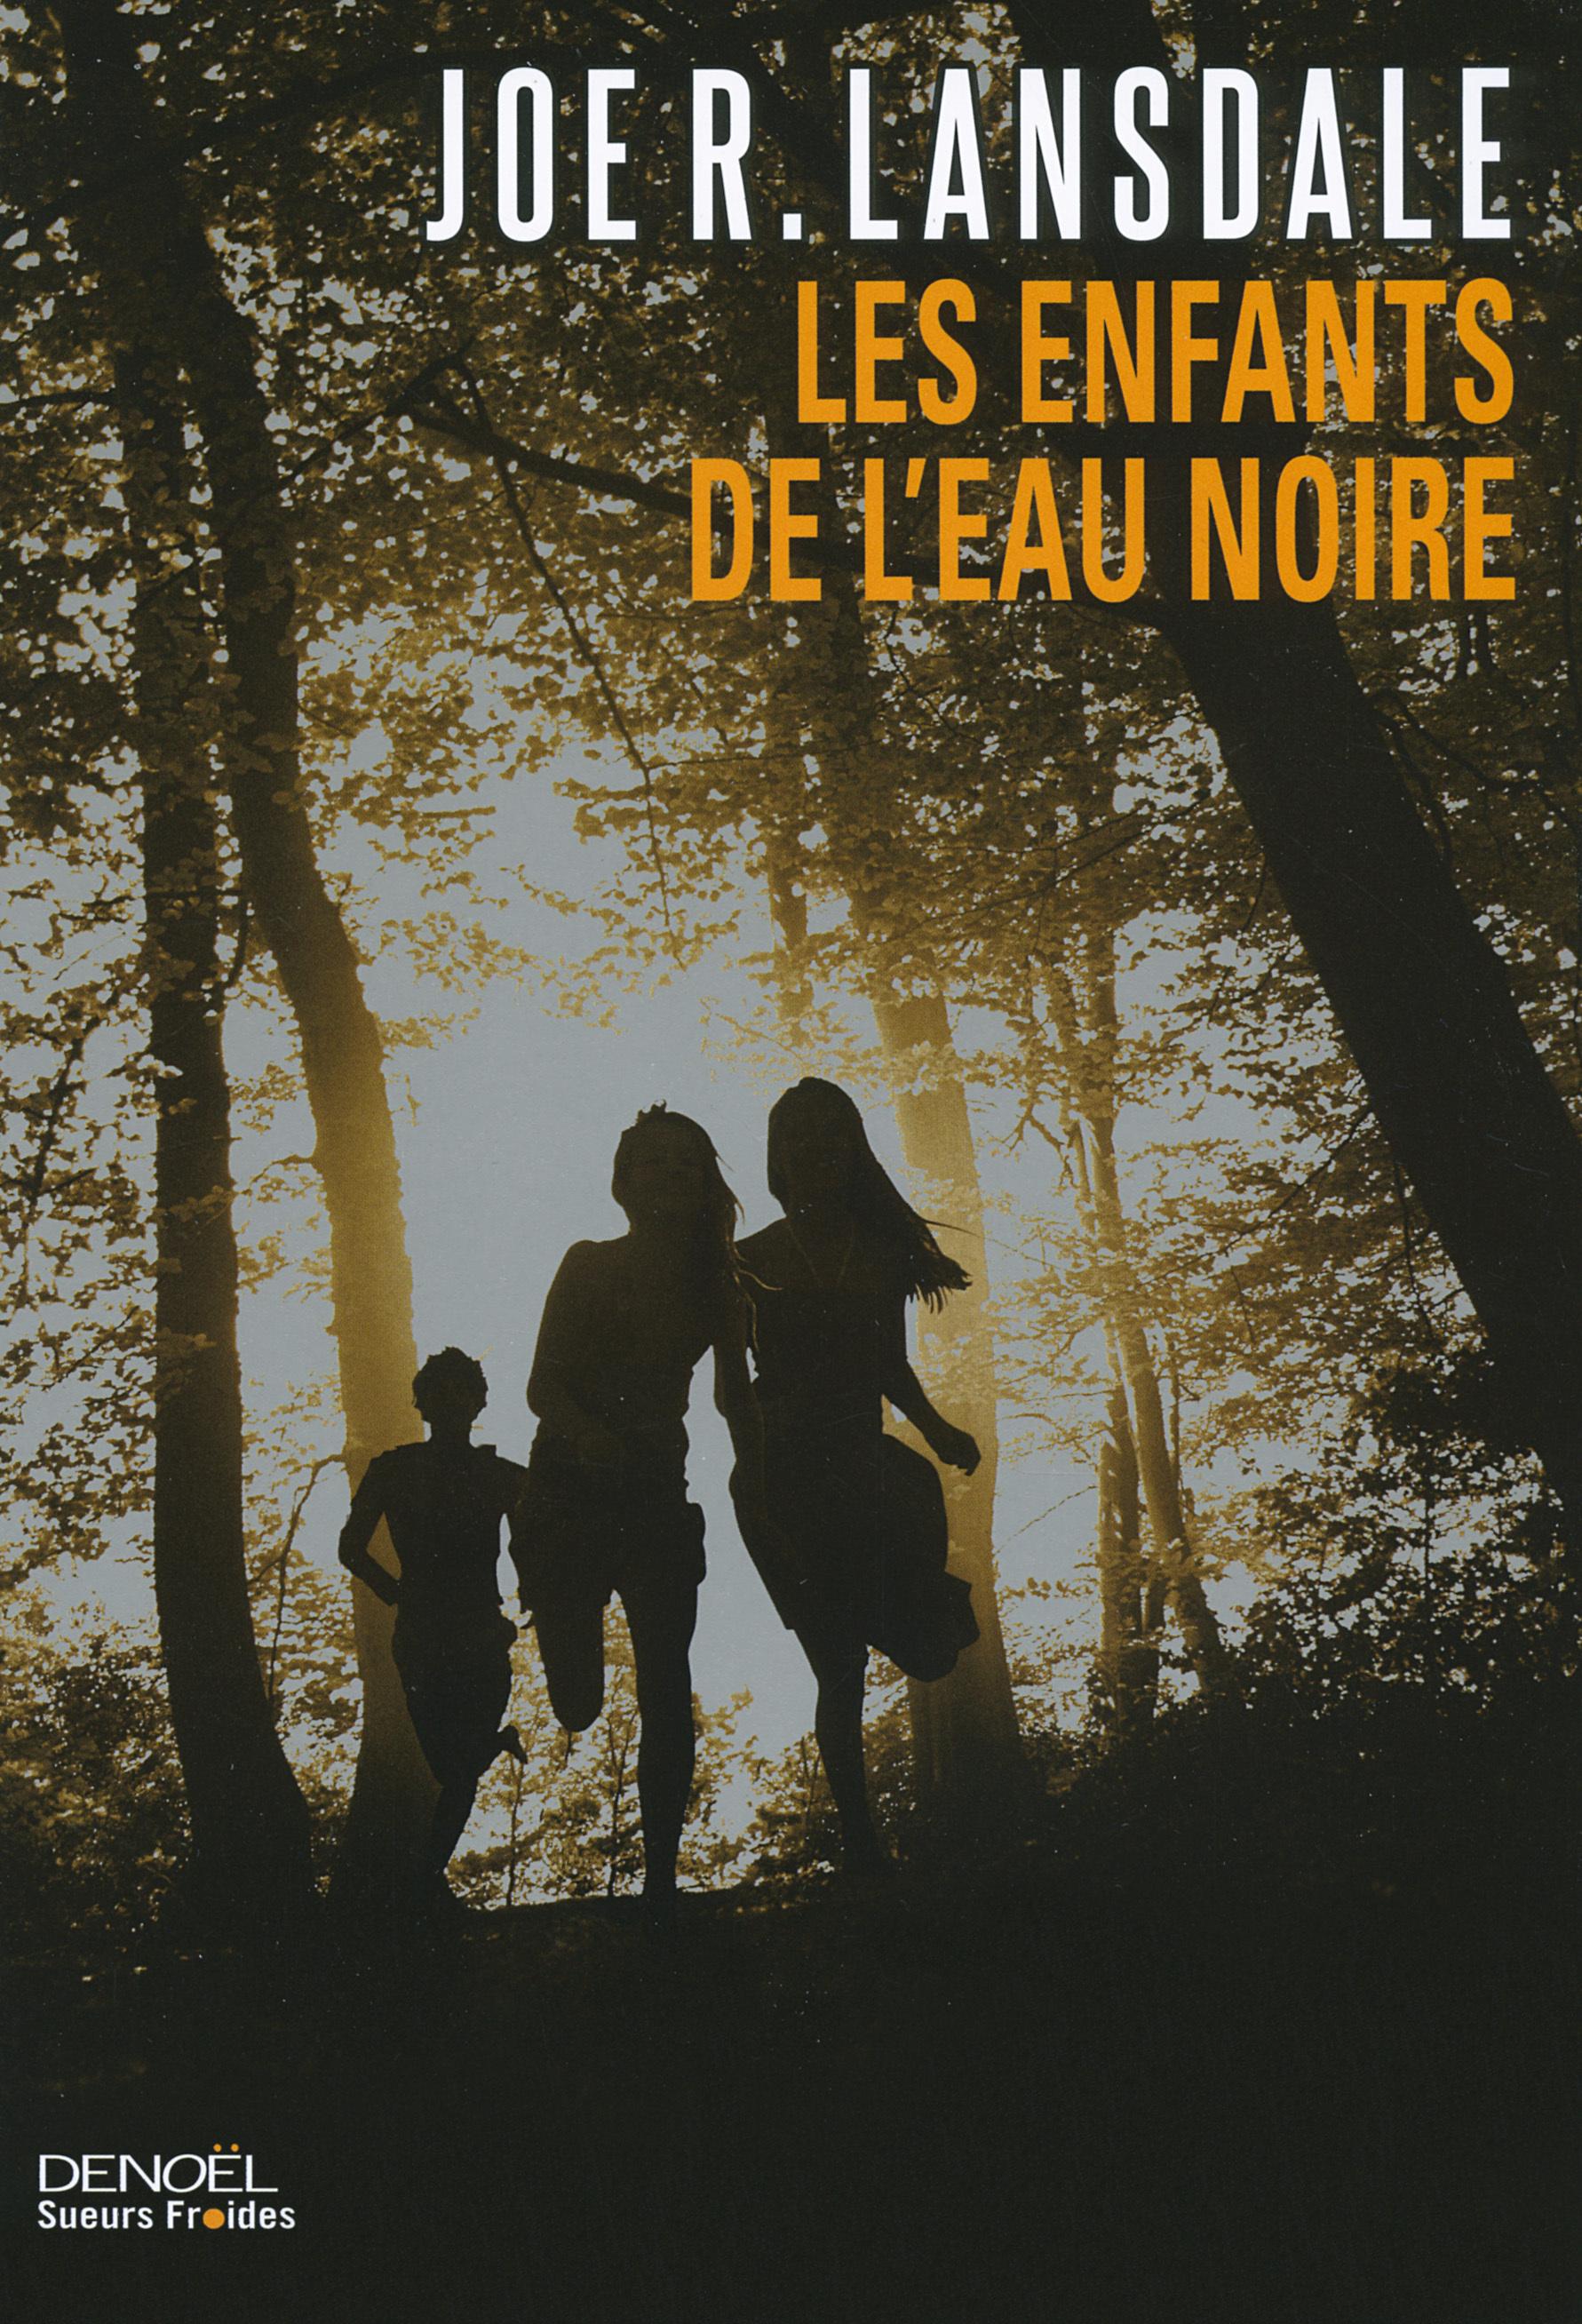 LES ENFANTS DE L'EAU NOIRE